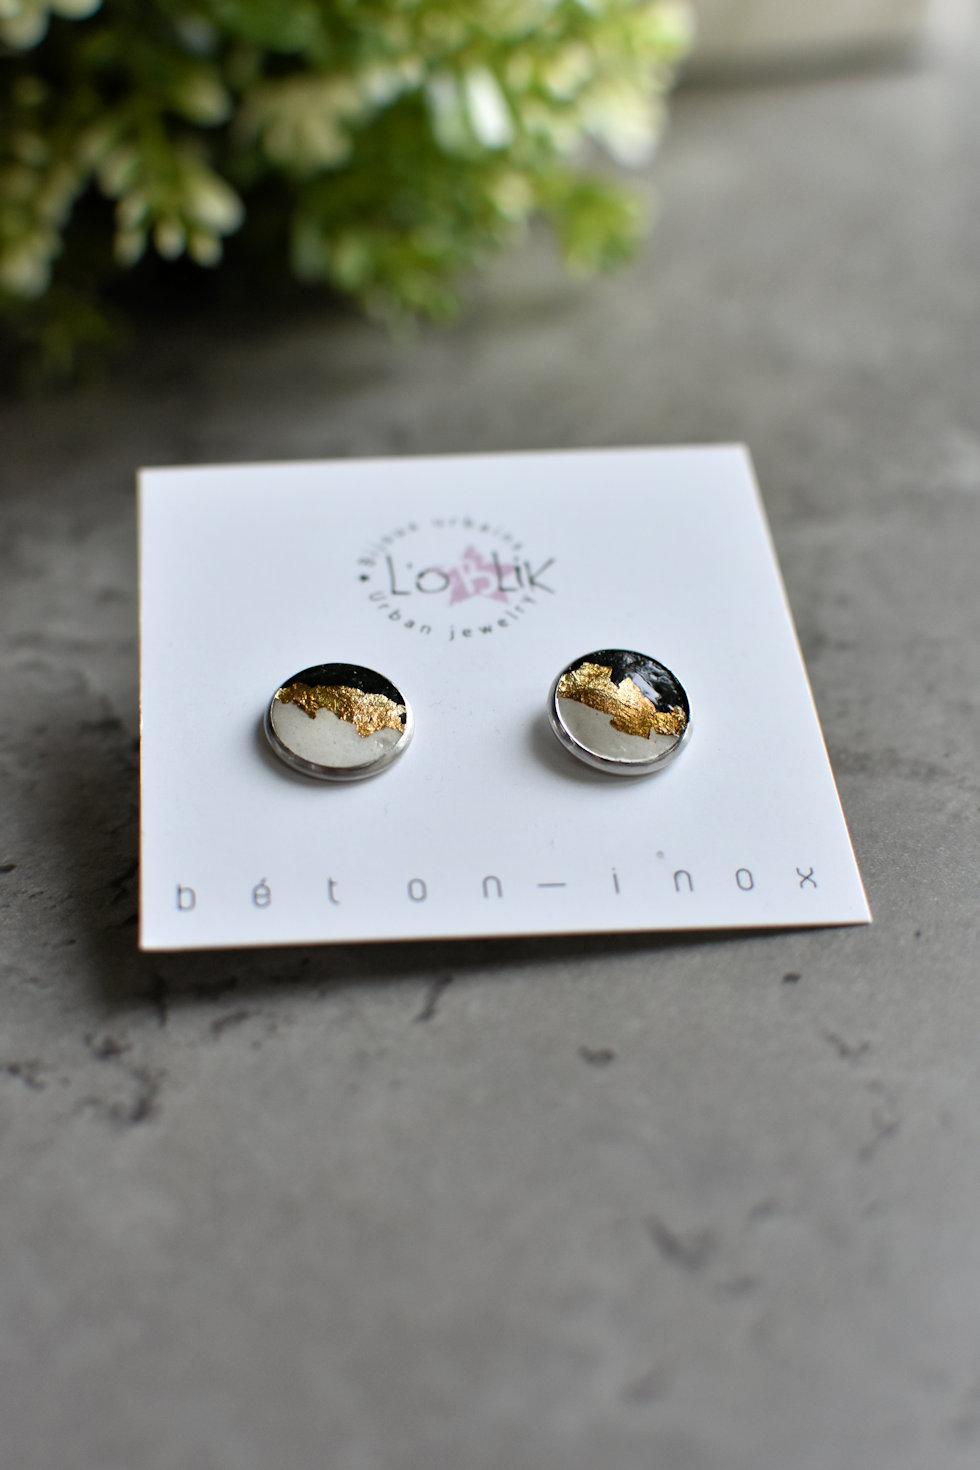 Boucles d'oreilles béton et or de L'OBLIK-Bijoux urbains. Fait au Québec